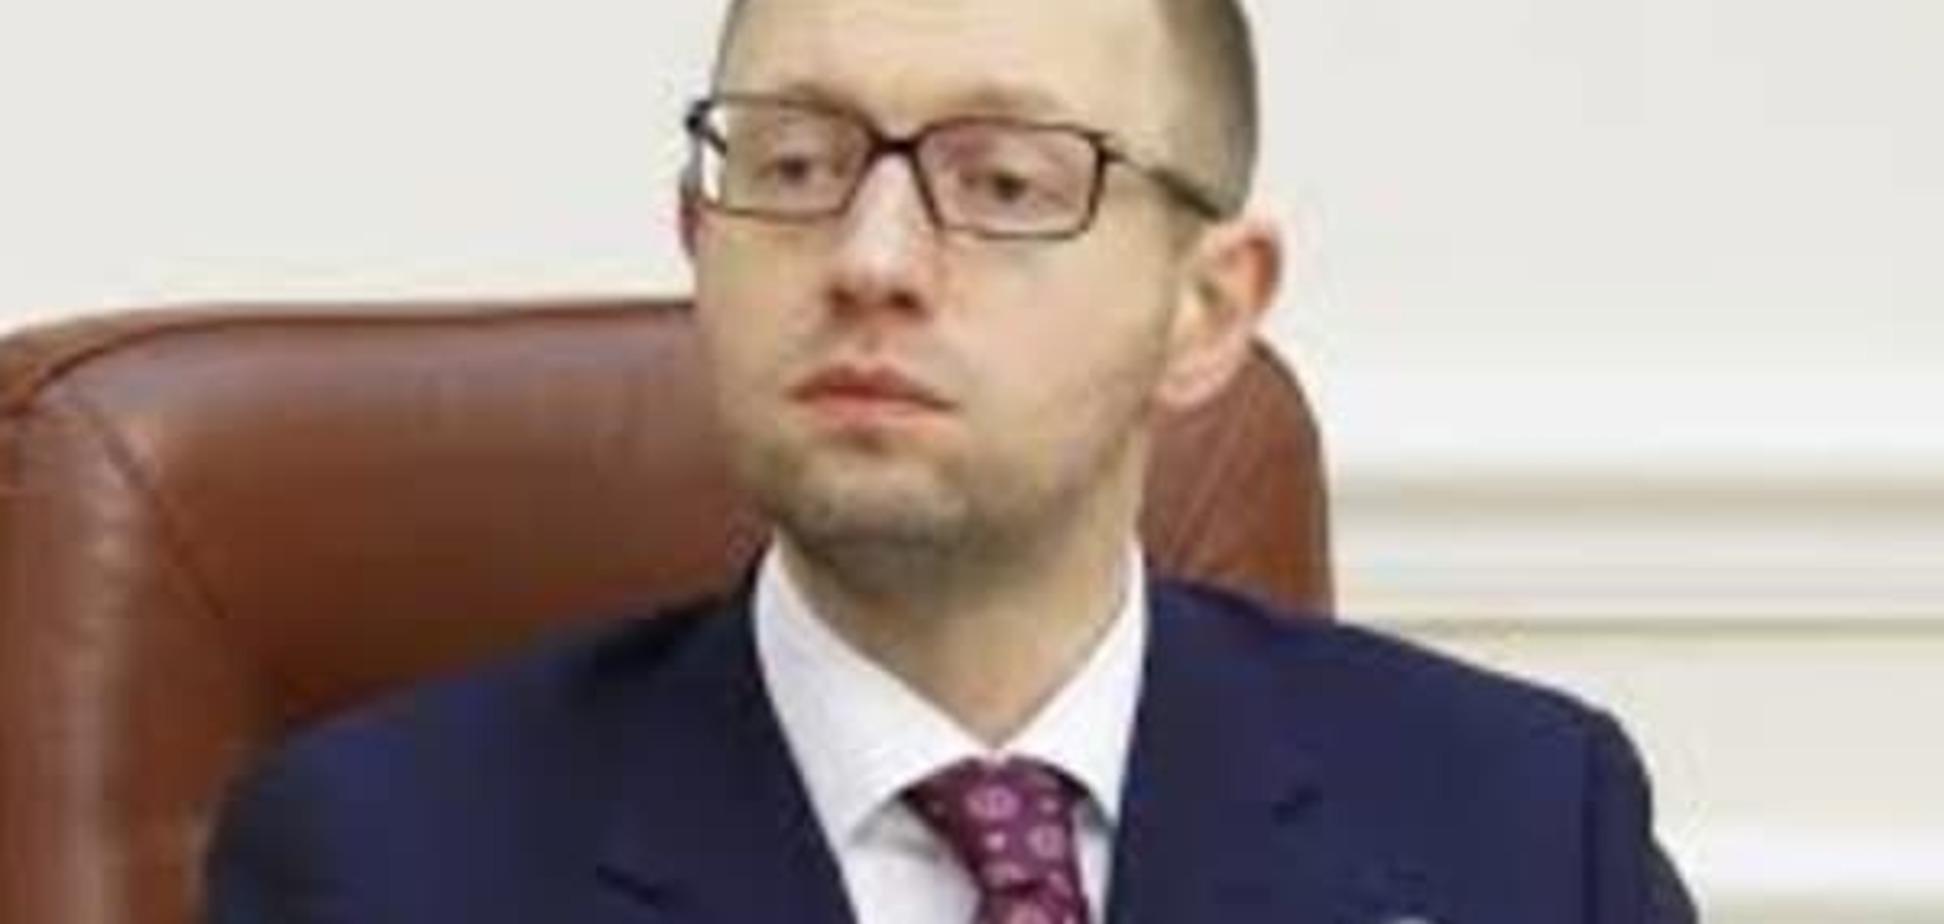 Украинской экономике нужно еще 1-2 года - Яценюк